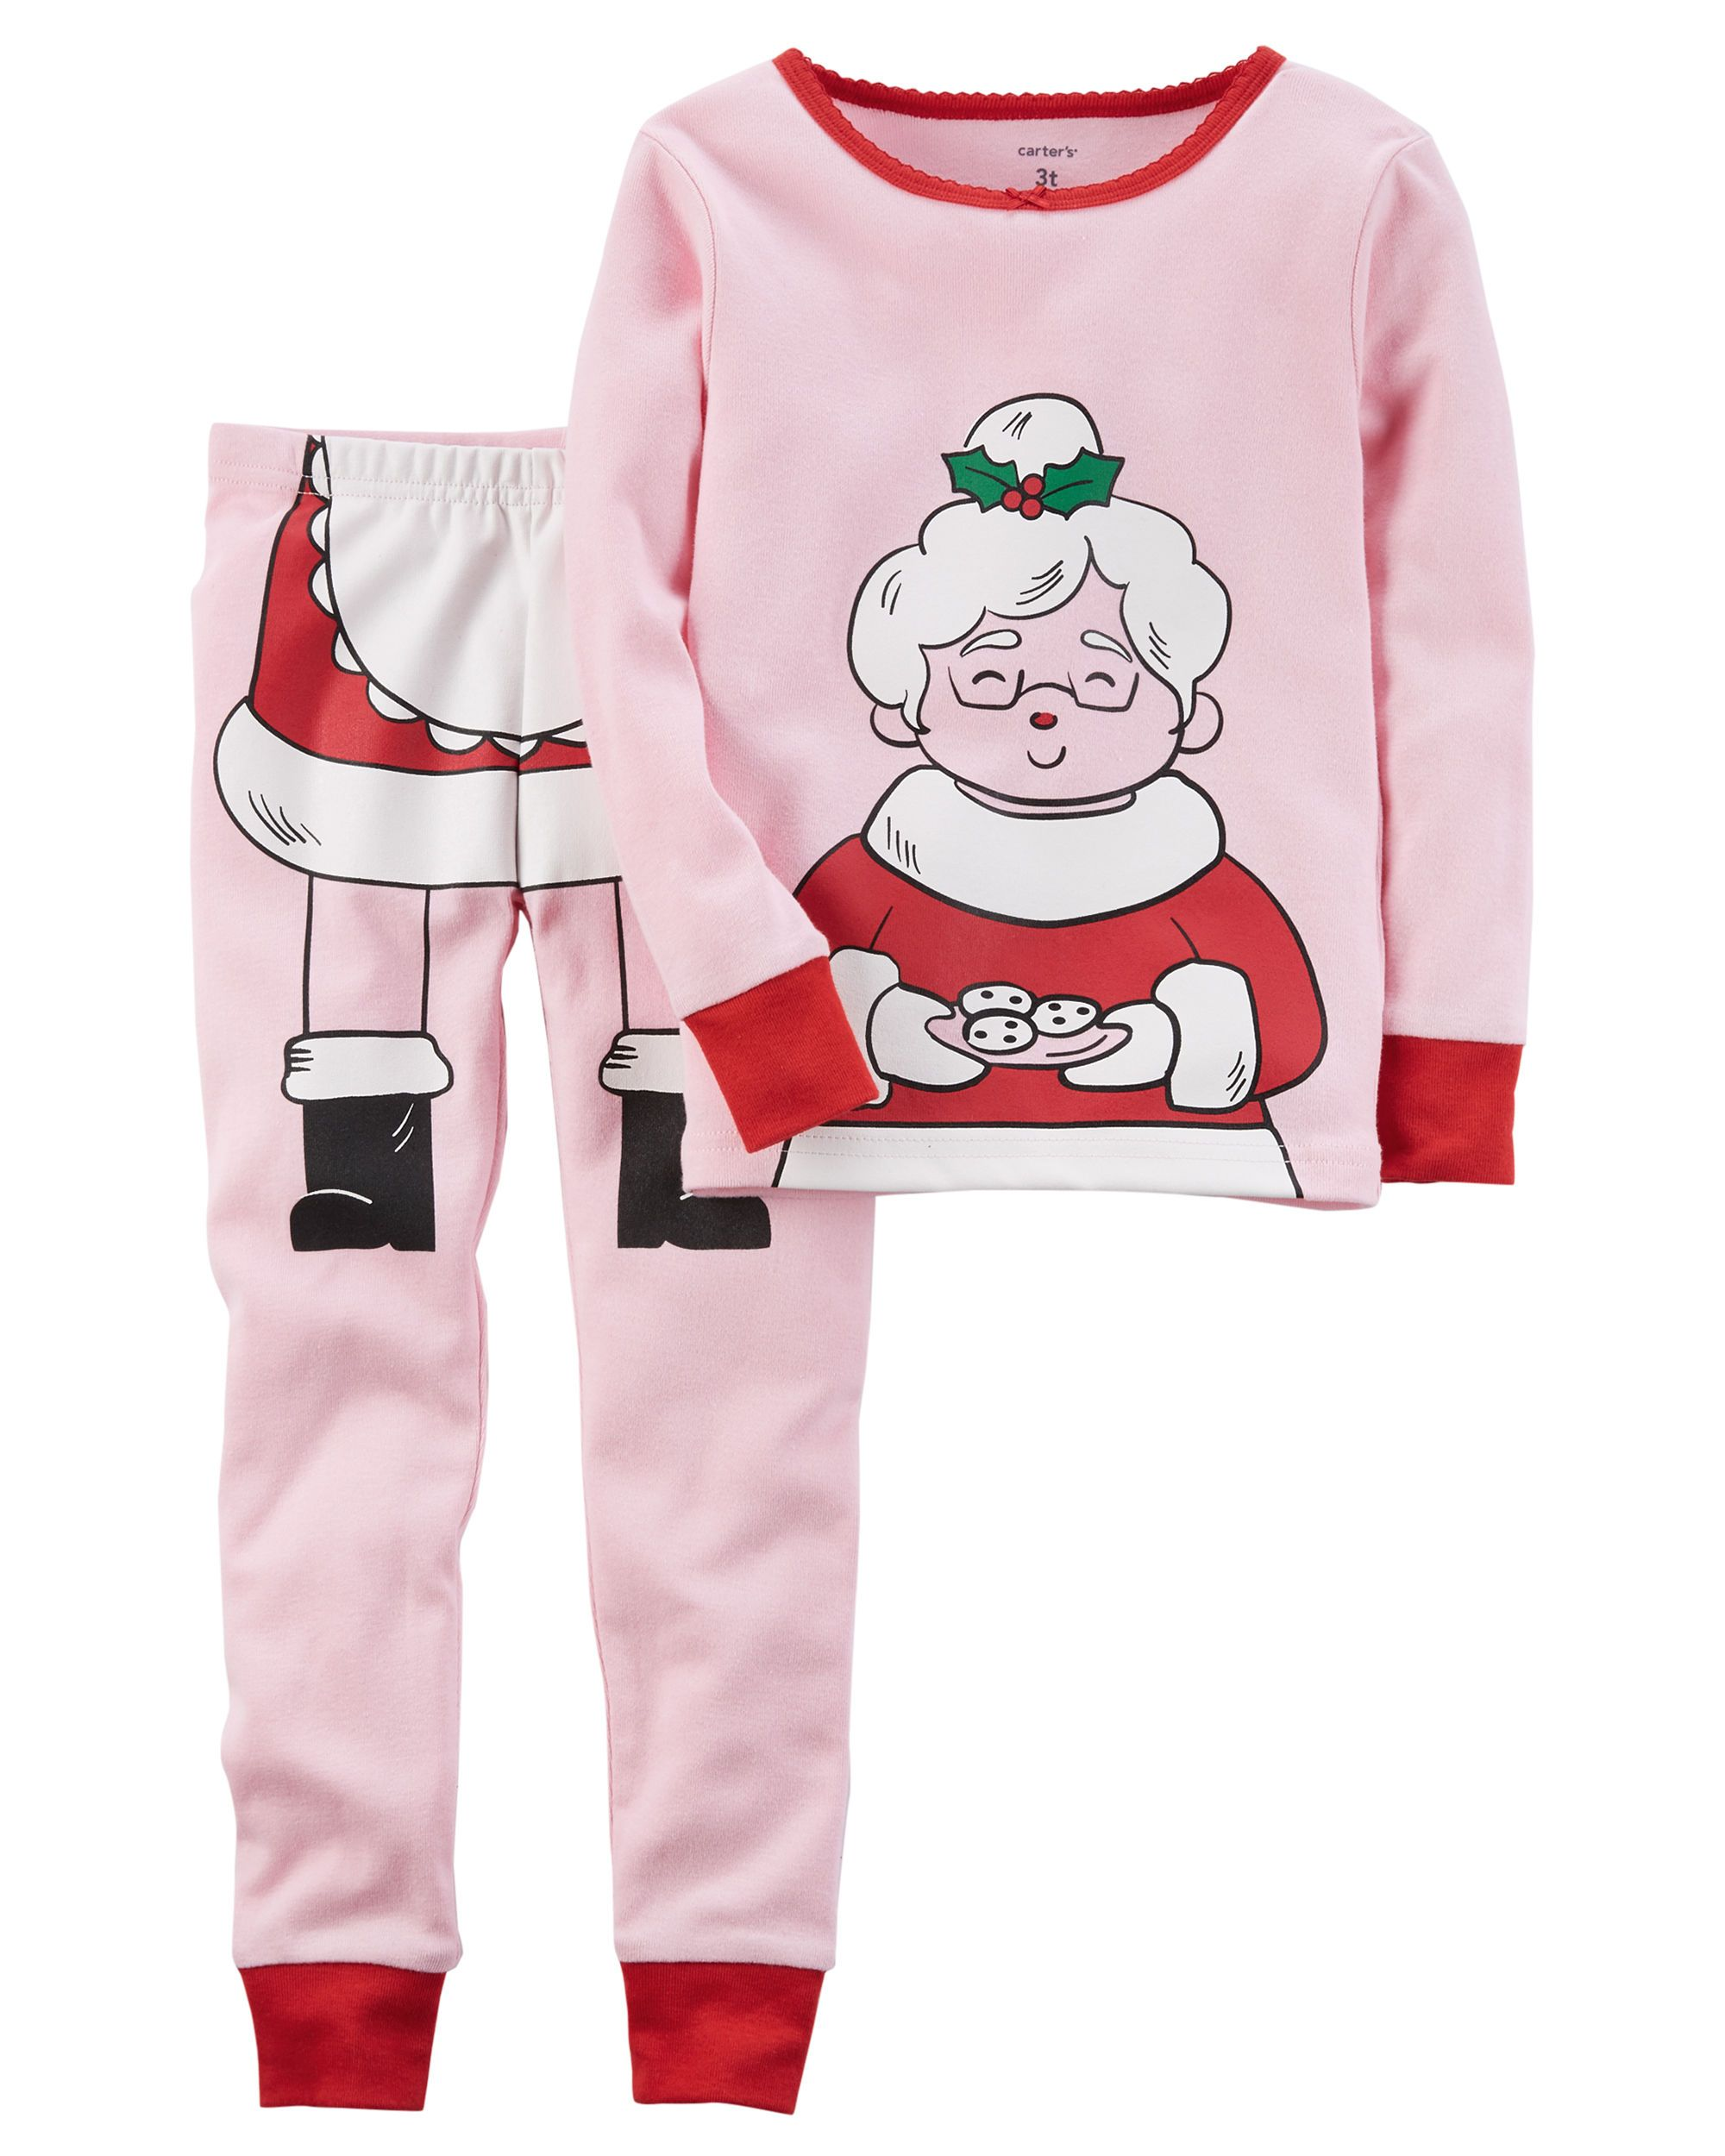 2-Piece Christmas Snug Fit Cotton PJs  12673566d